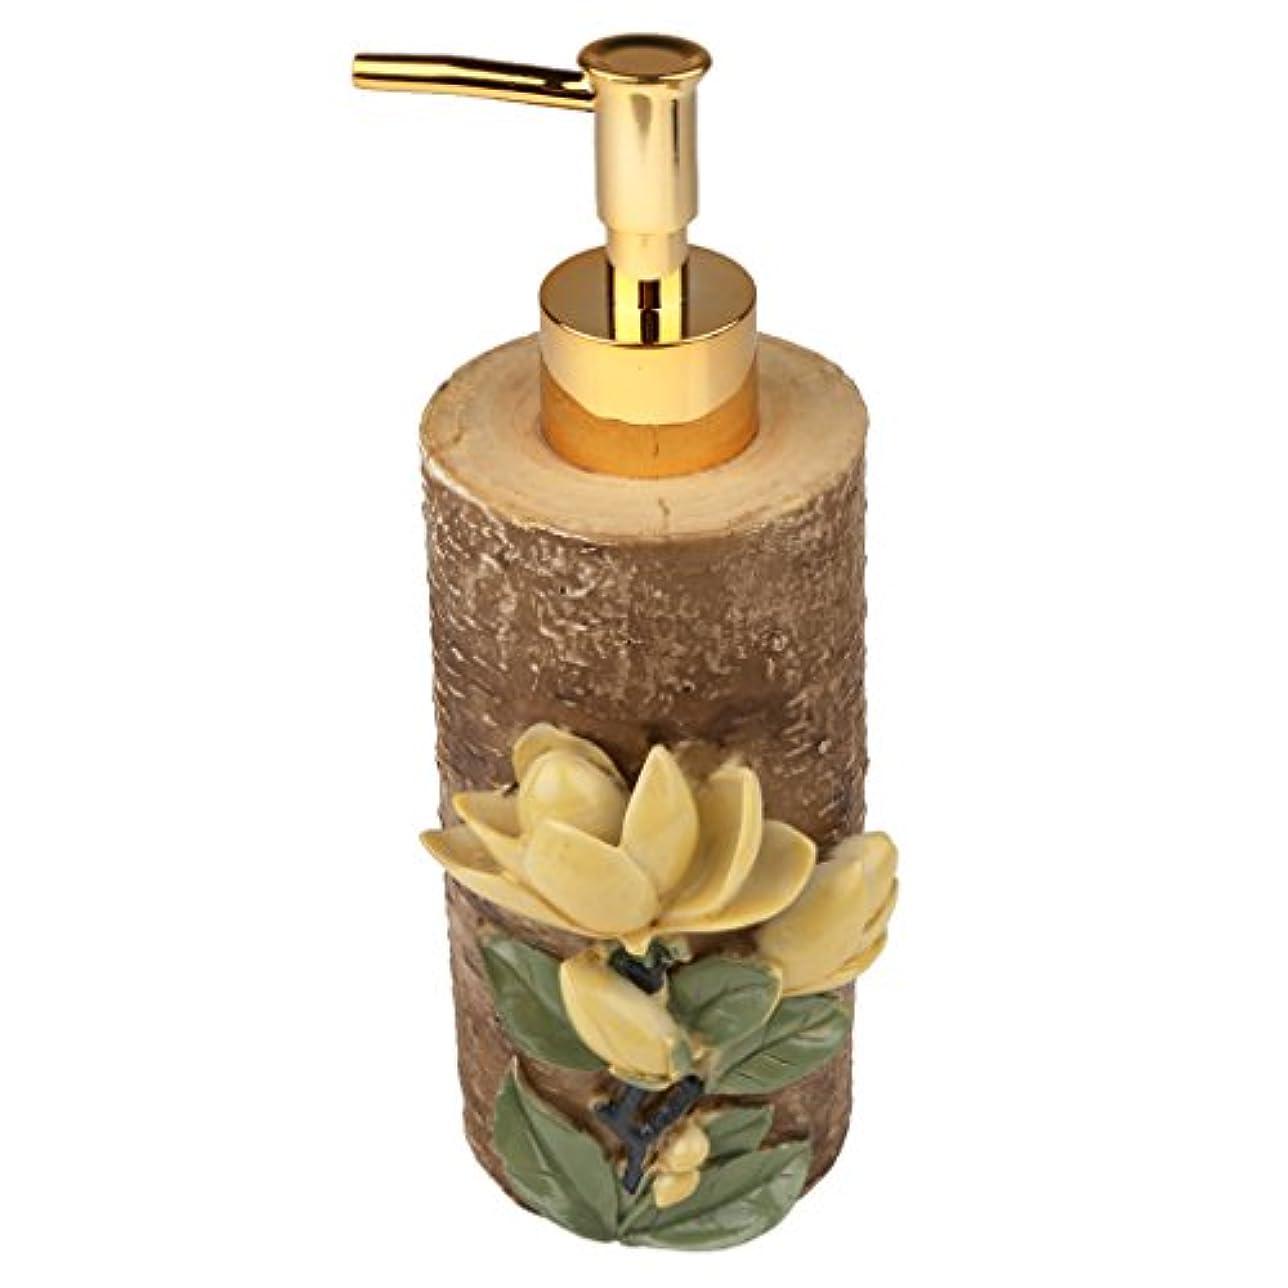 統治する盗難頑固な液体ソープ シャンプー用 空 シャンプー ボトル 詰め替えボトル 美しい エレガント デザイン 全4種類 - #4